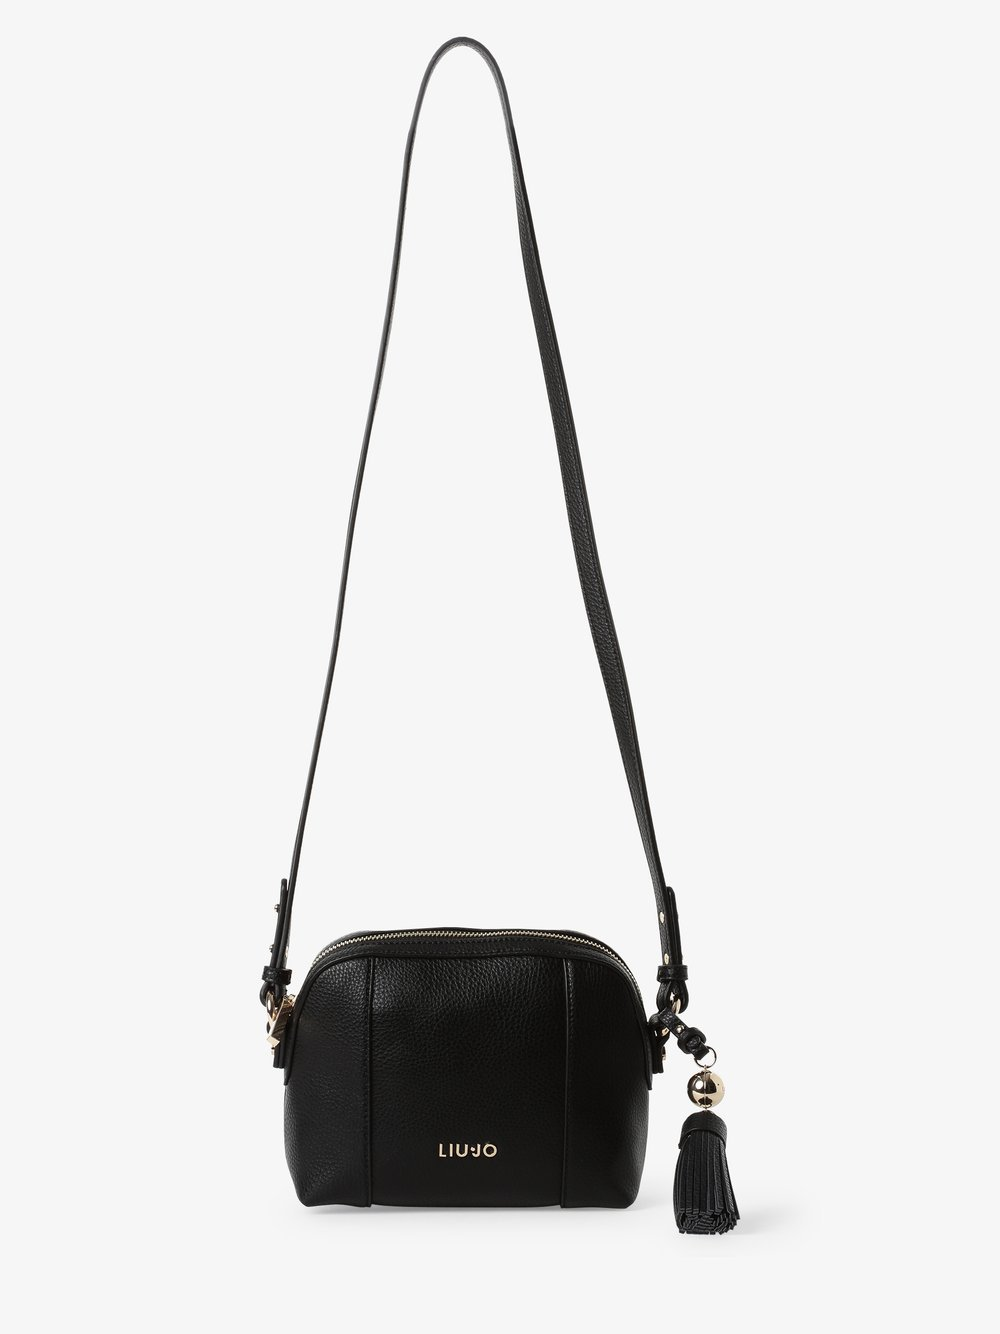 Liu Jo Collection – Damska torebka na ramię, czarny Van Graaf 465276-0001